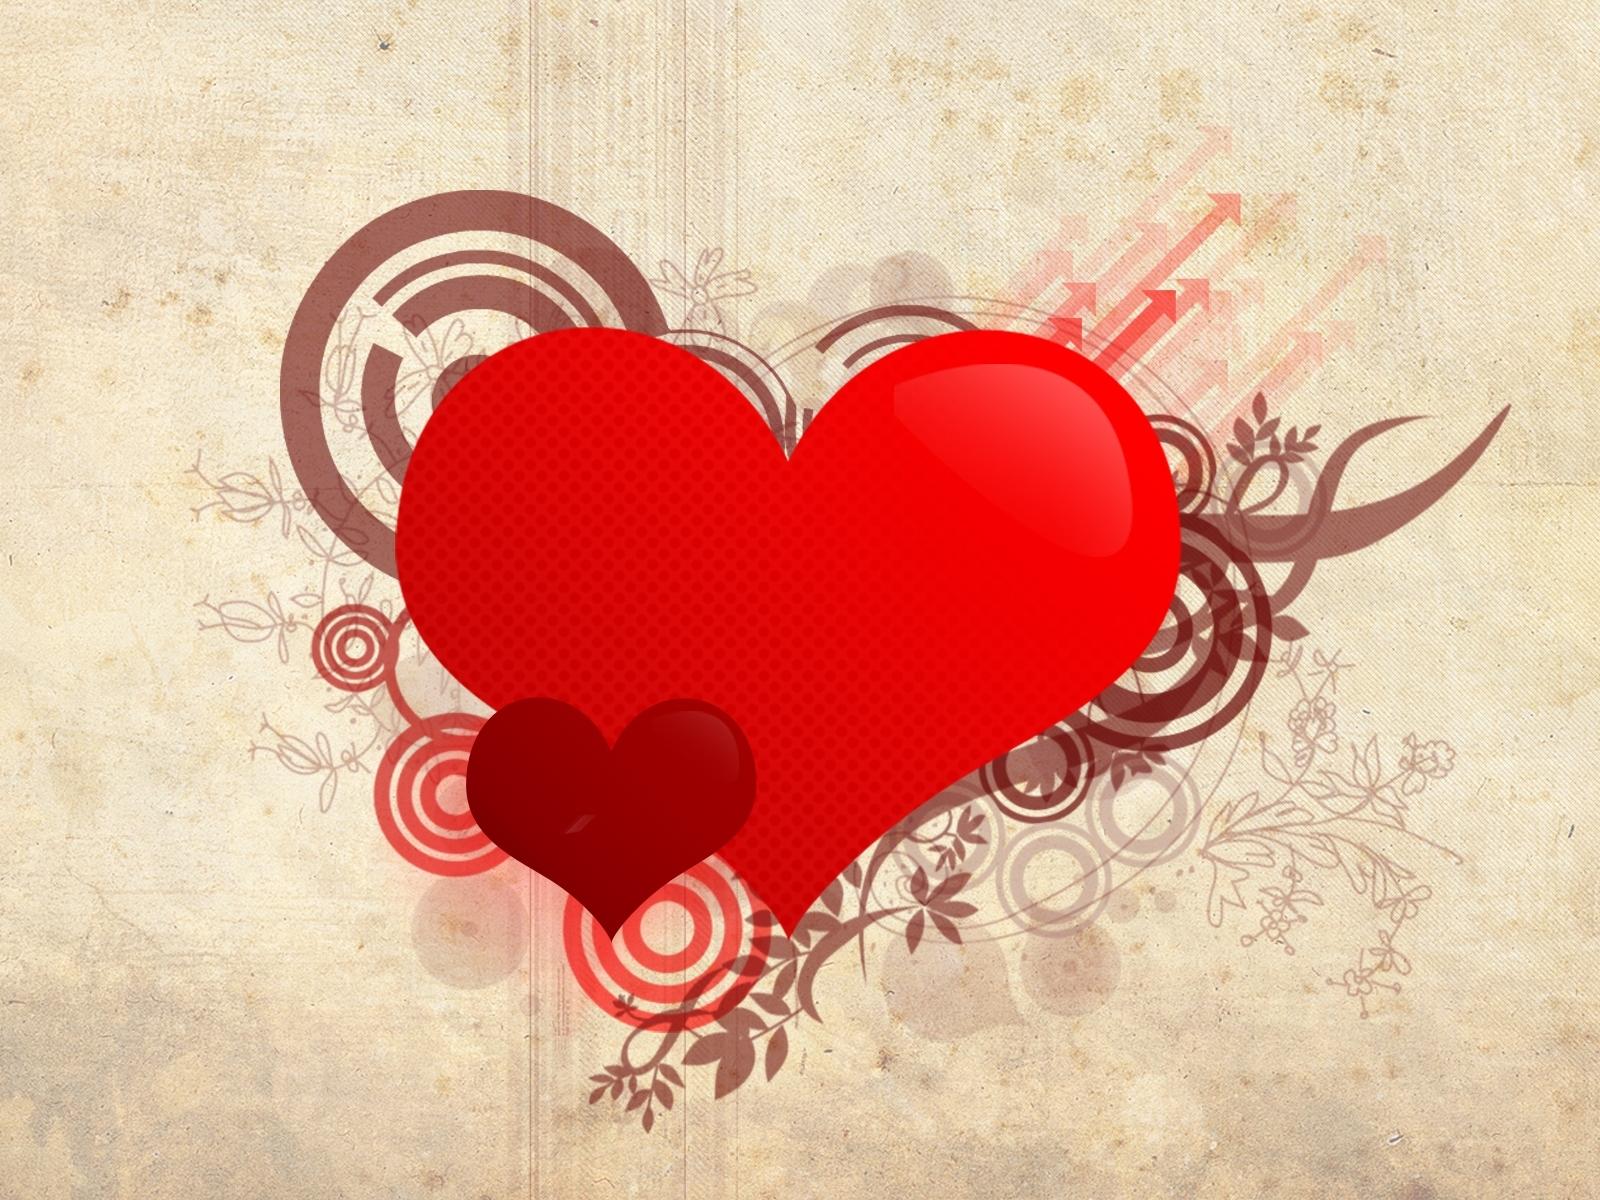 191 descargar fondo de pantalla Abstracción, Corazones, Amor, Día De San Valentín, Imágenes: protectores de pantalla e imágenes gratis